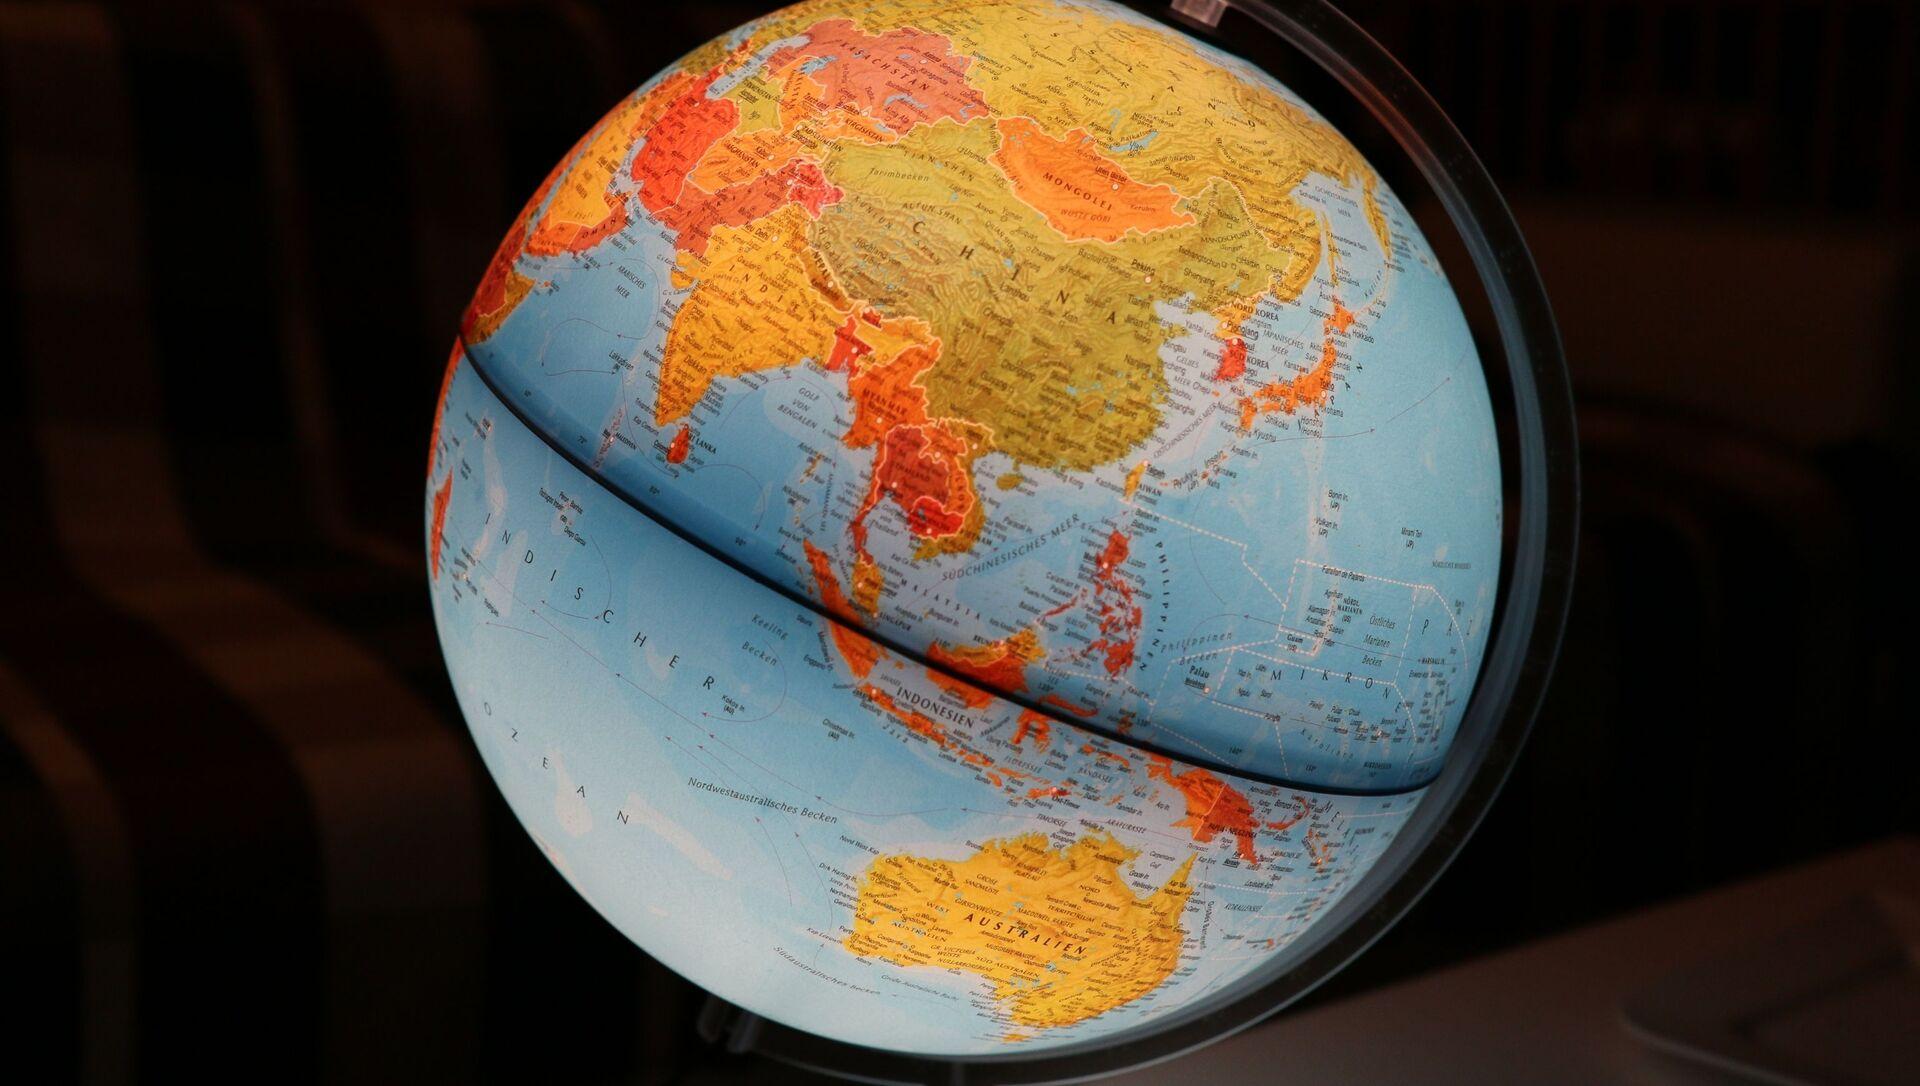 Mapa de Asia y Oceanía - Sputnik Mundo, 1920, 10.11.2020